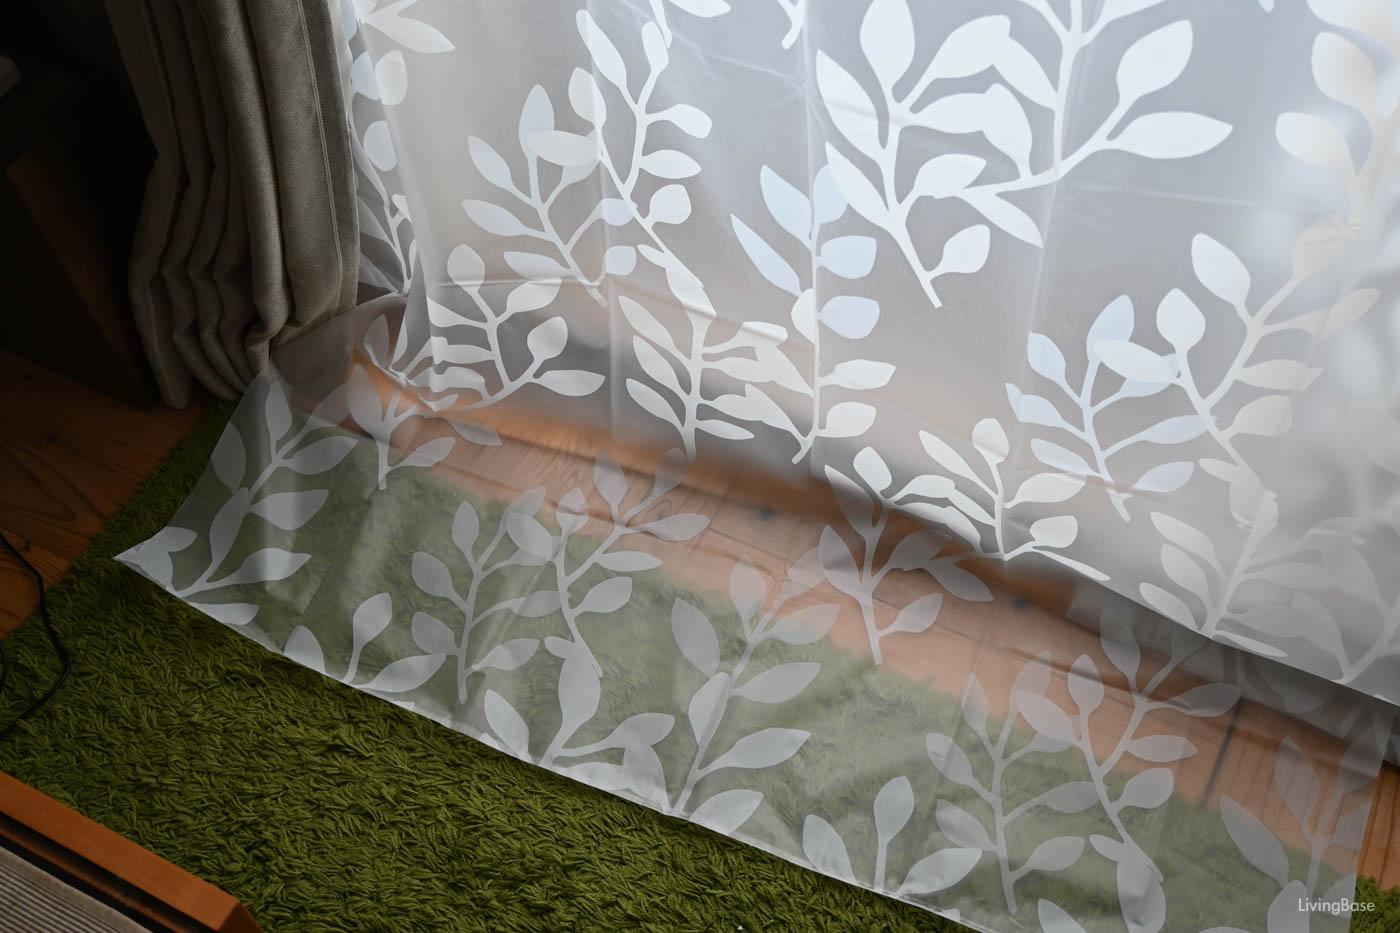 【5度上昇】断熱カーテンの効果が凄い!窓からの冷気・寒さ対策